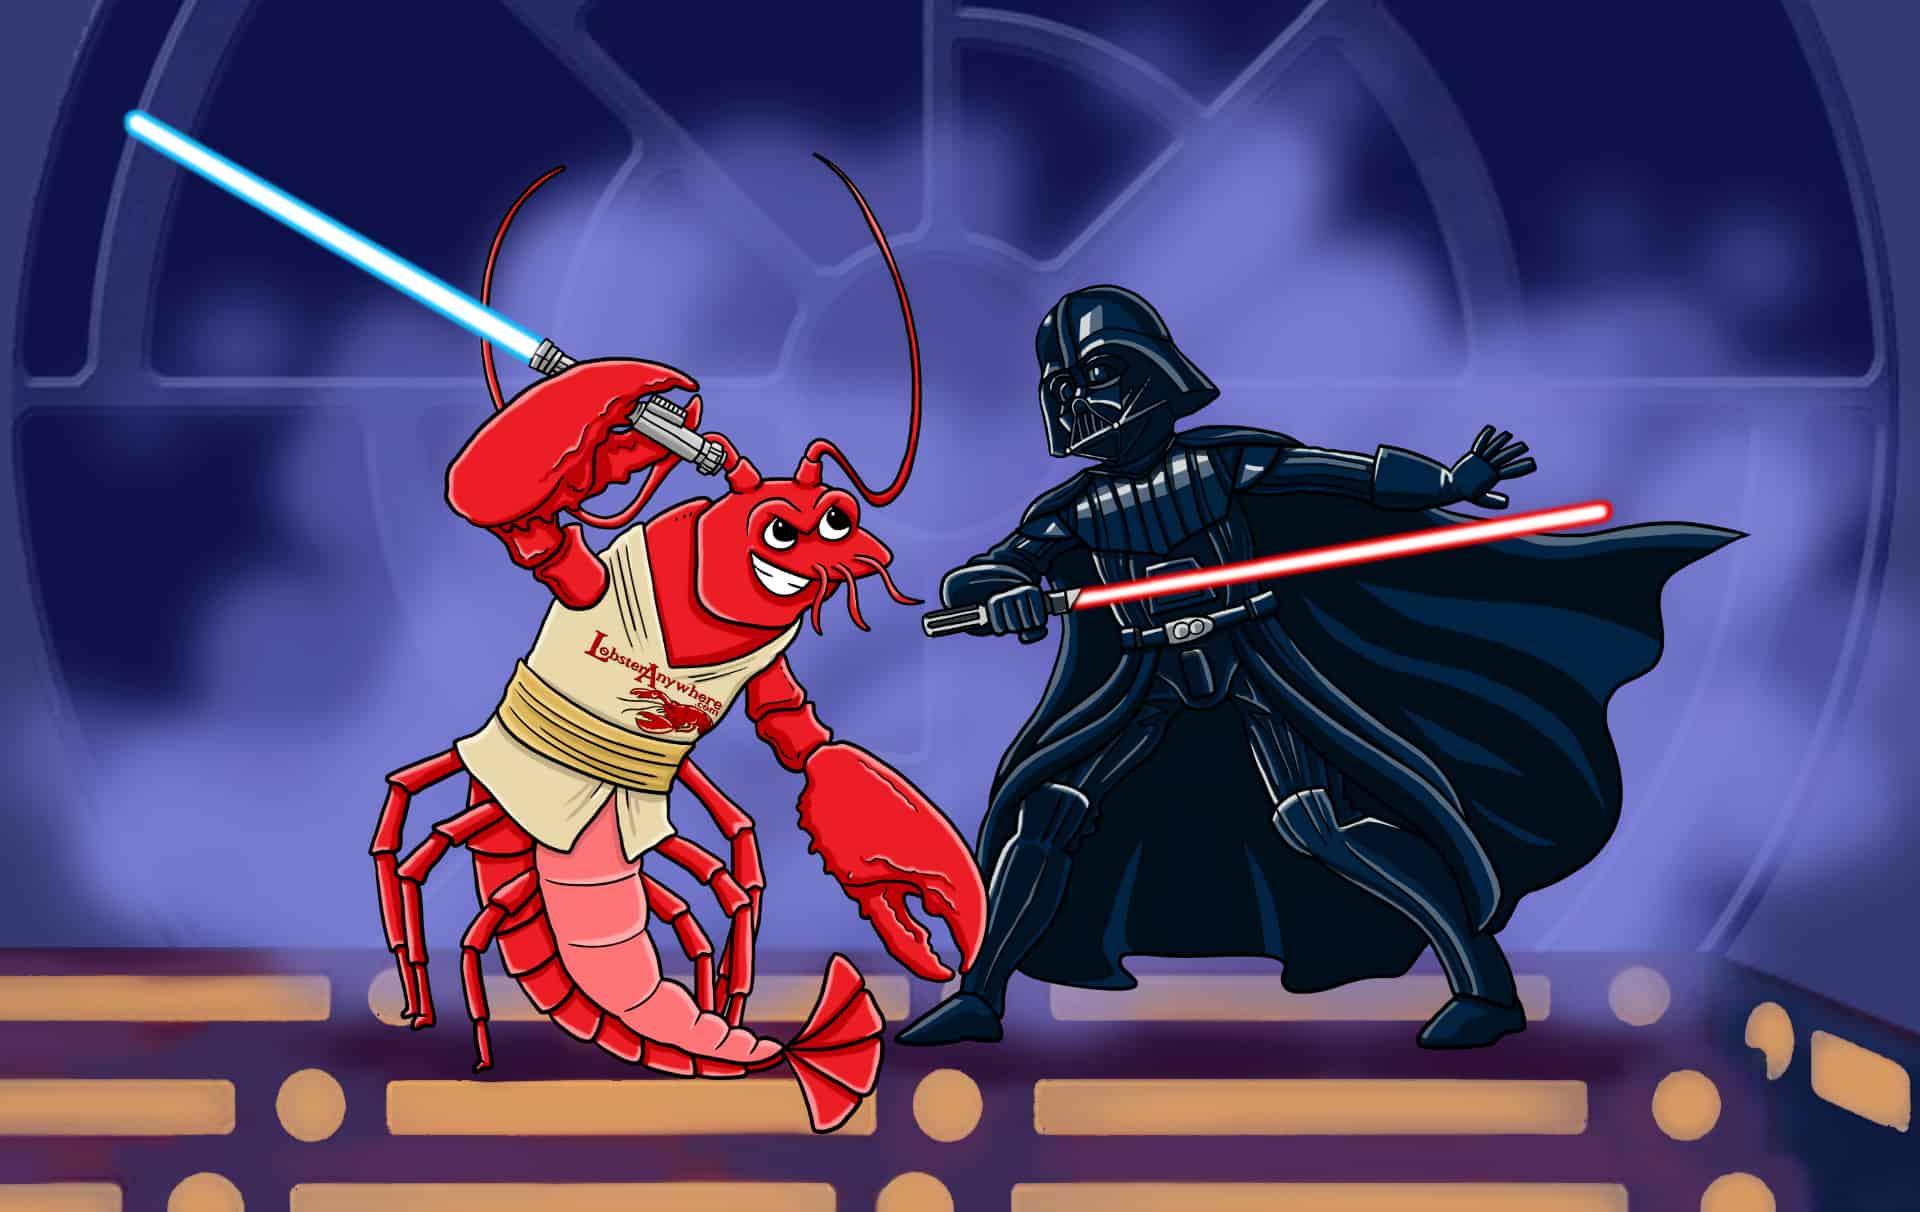 Jedi Lobster